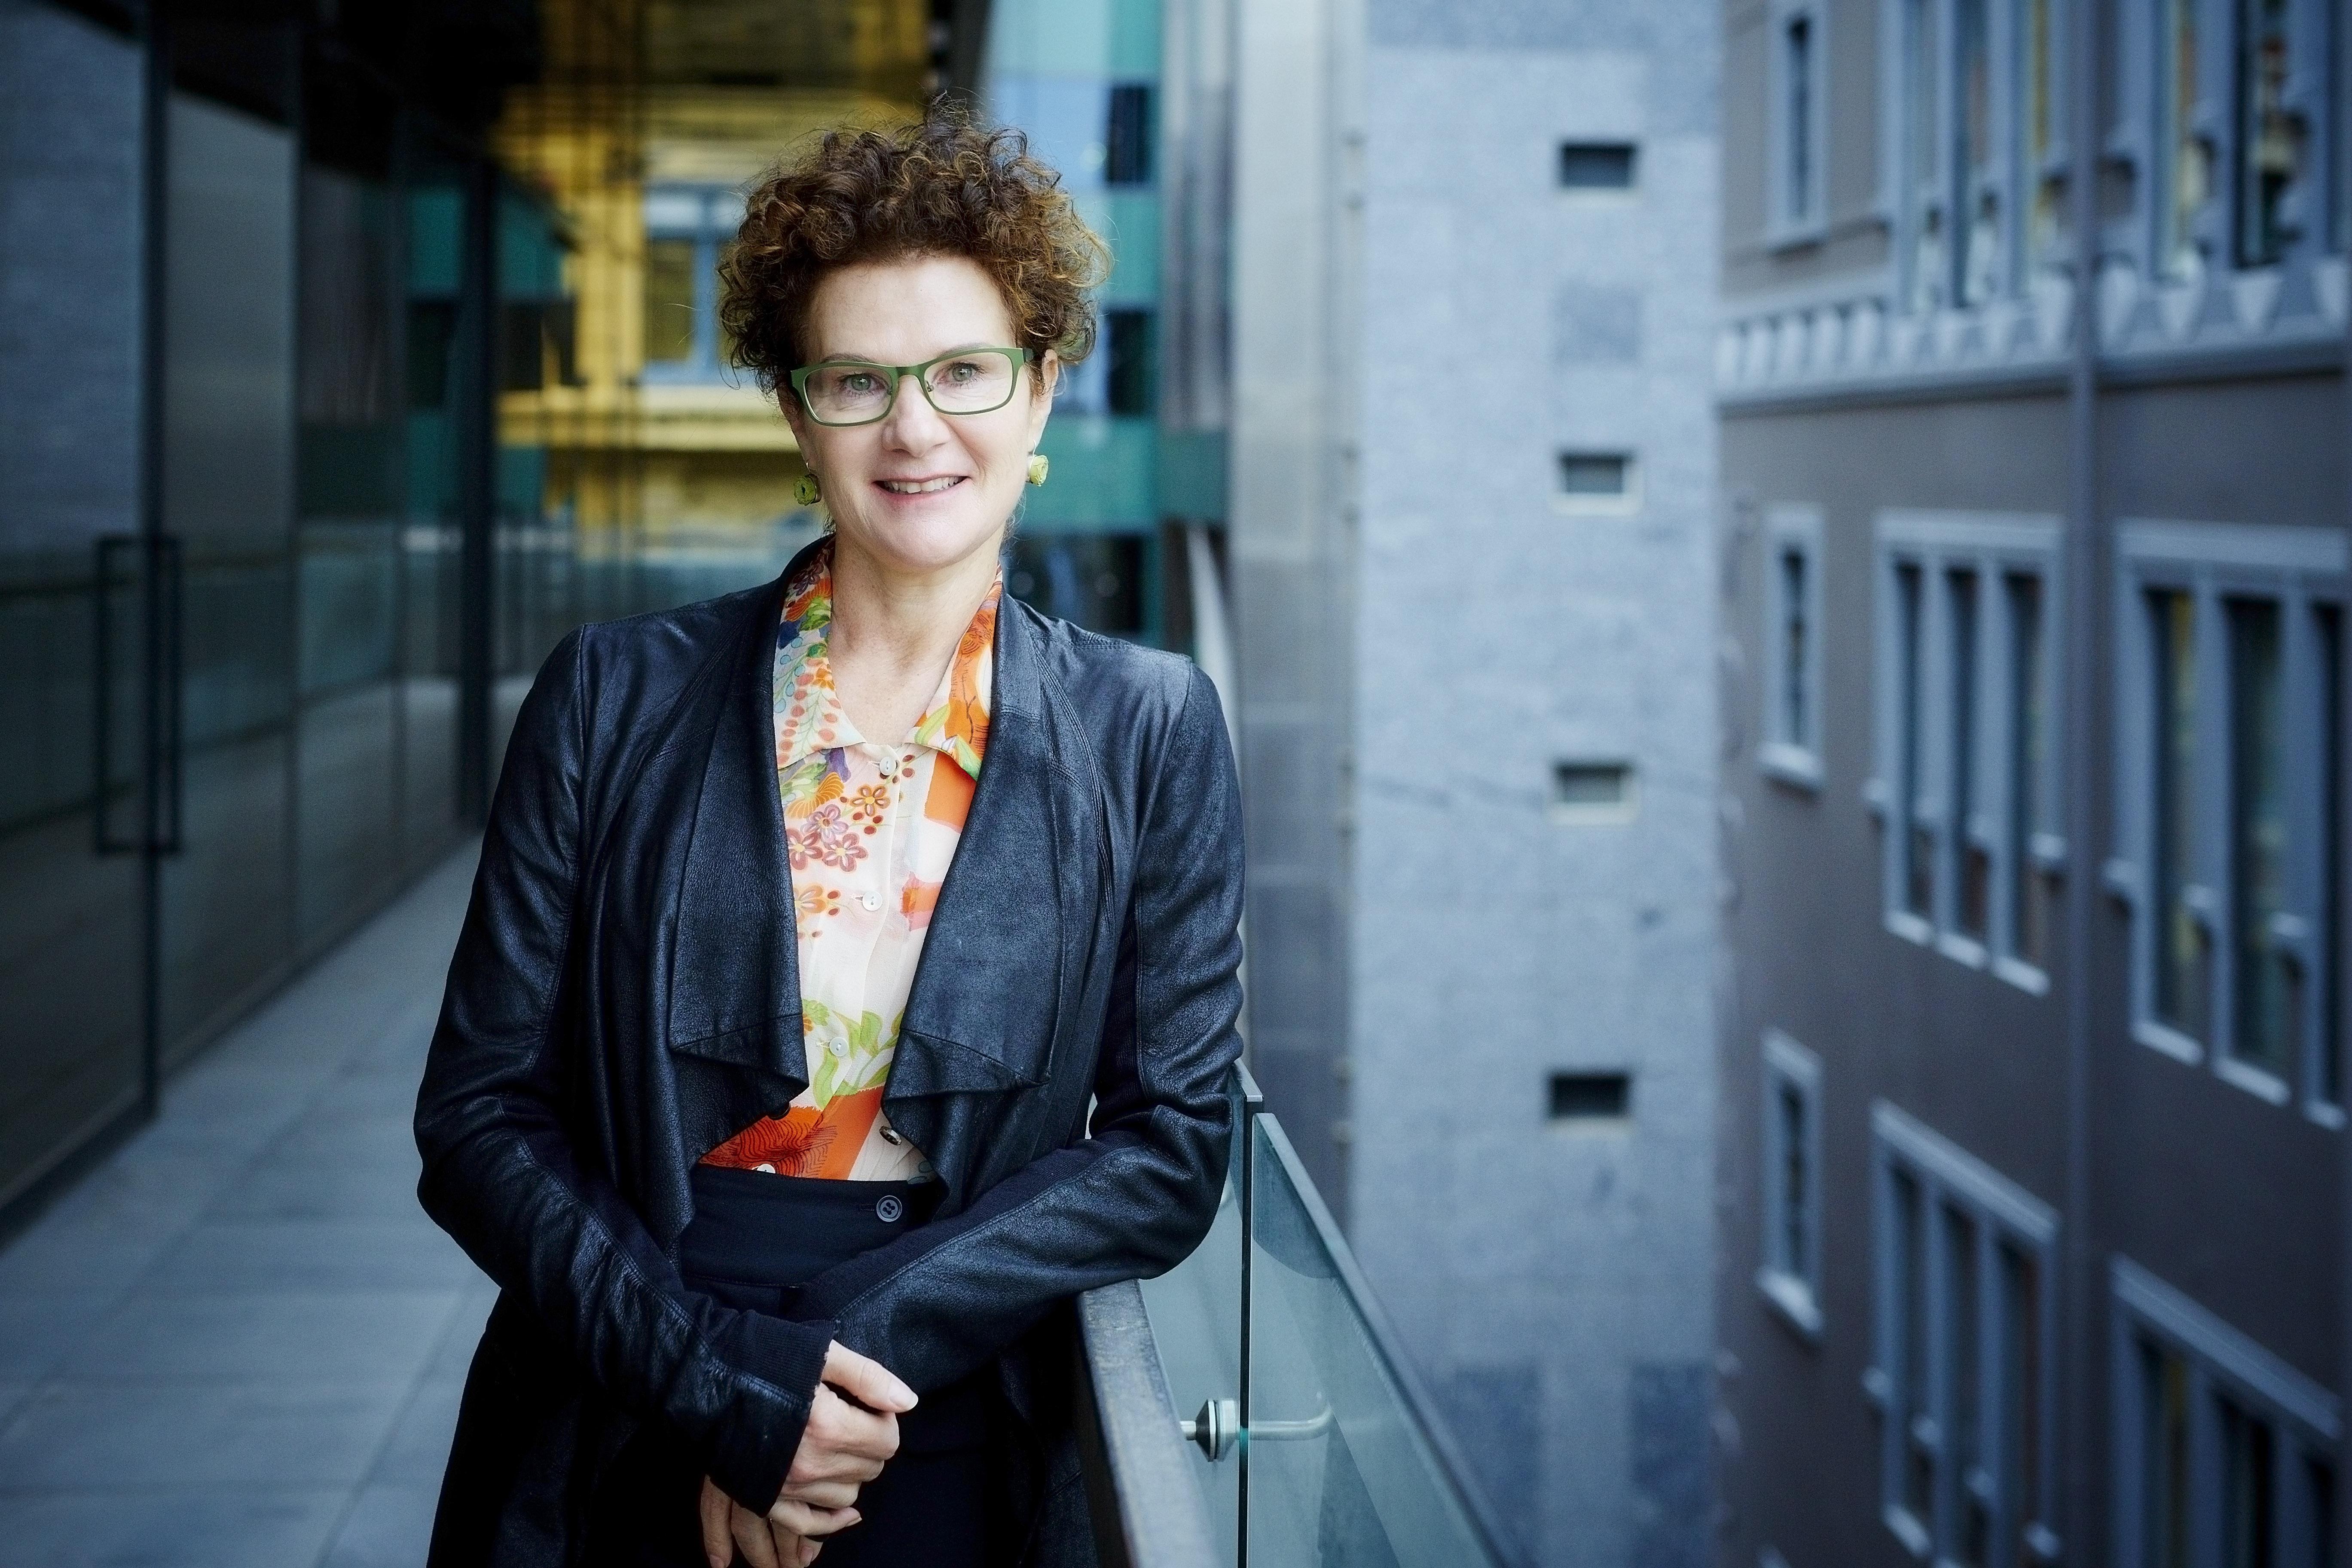 專訪澳洲儲備銀行新任董事Carol Schwartz談成功之道